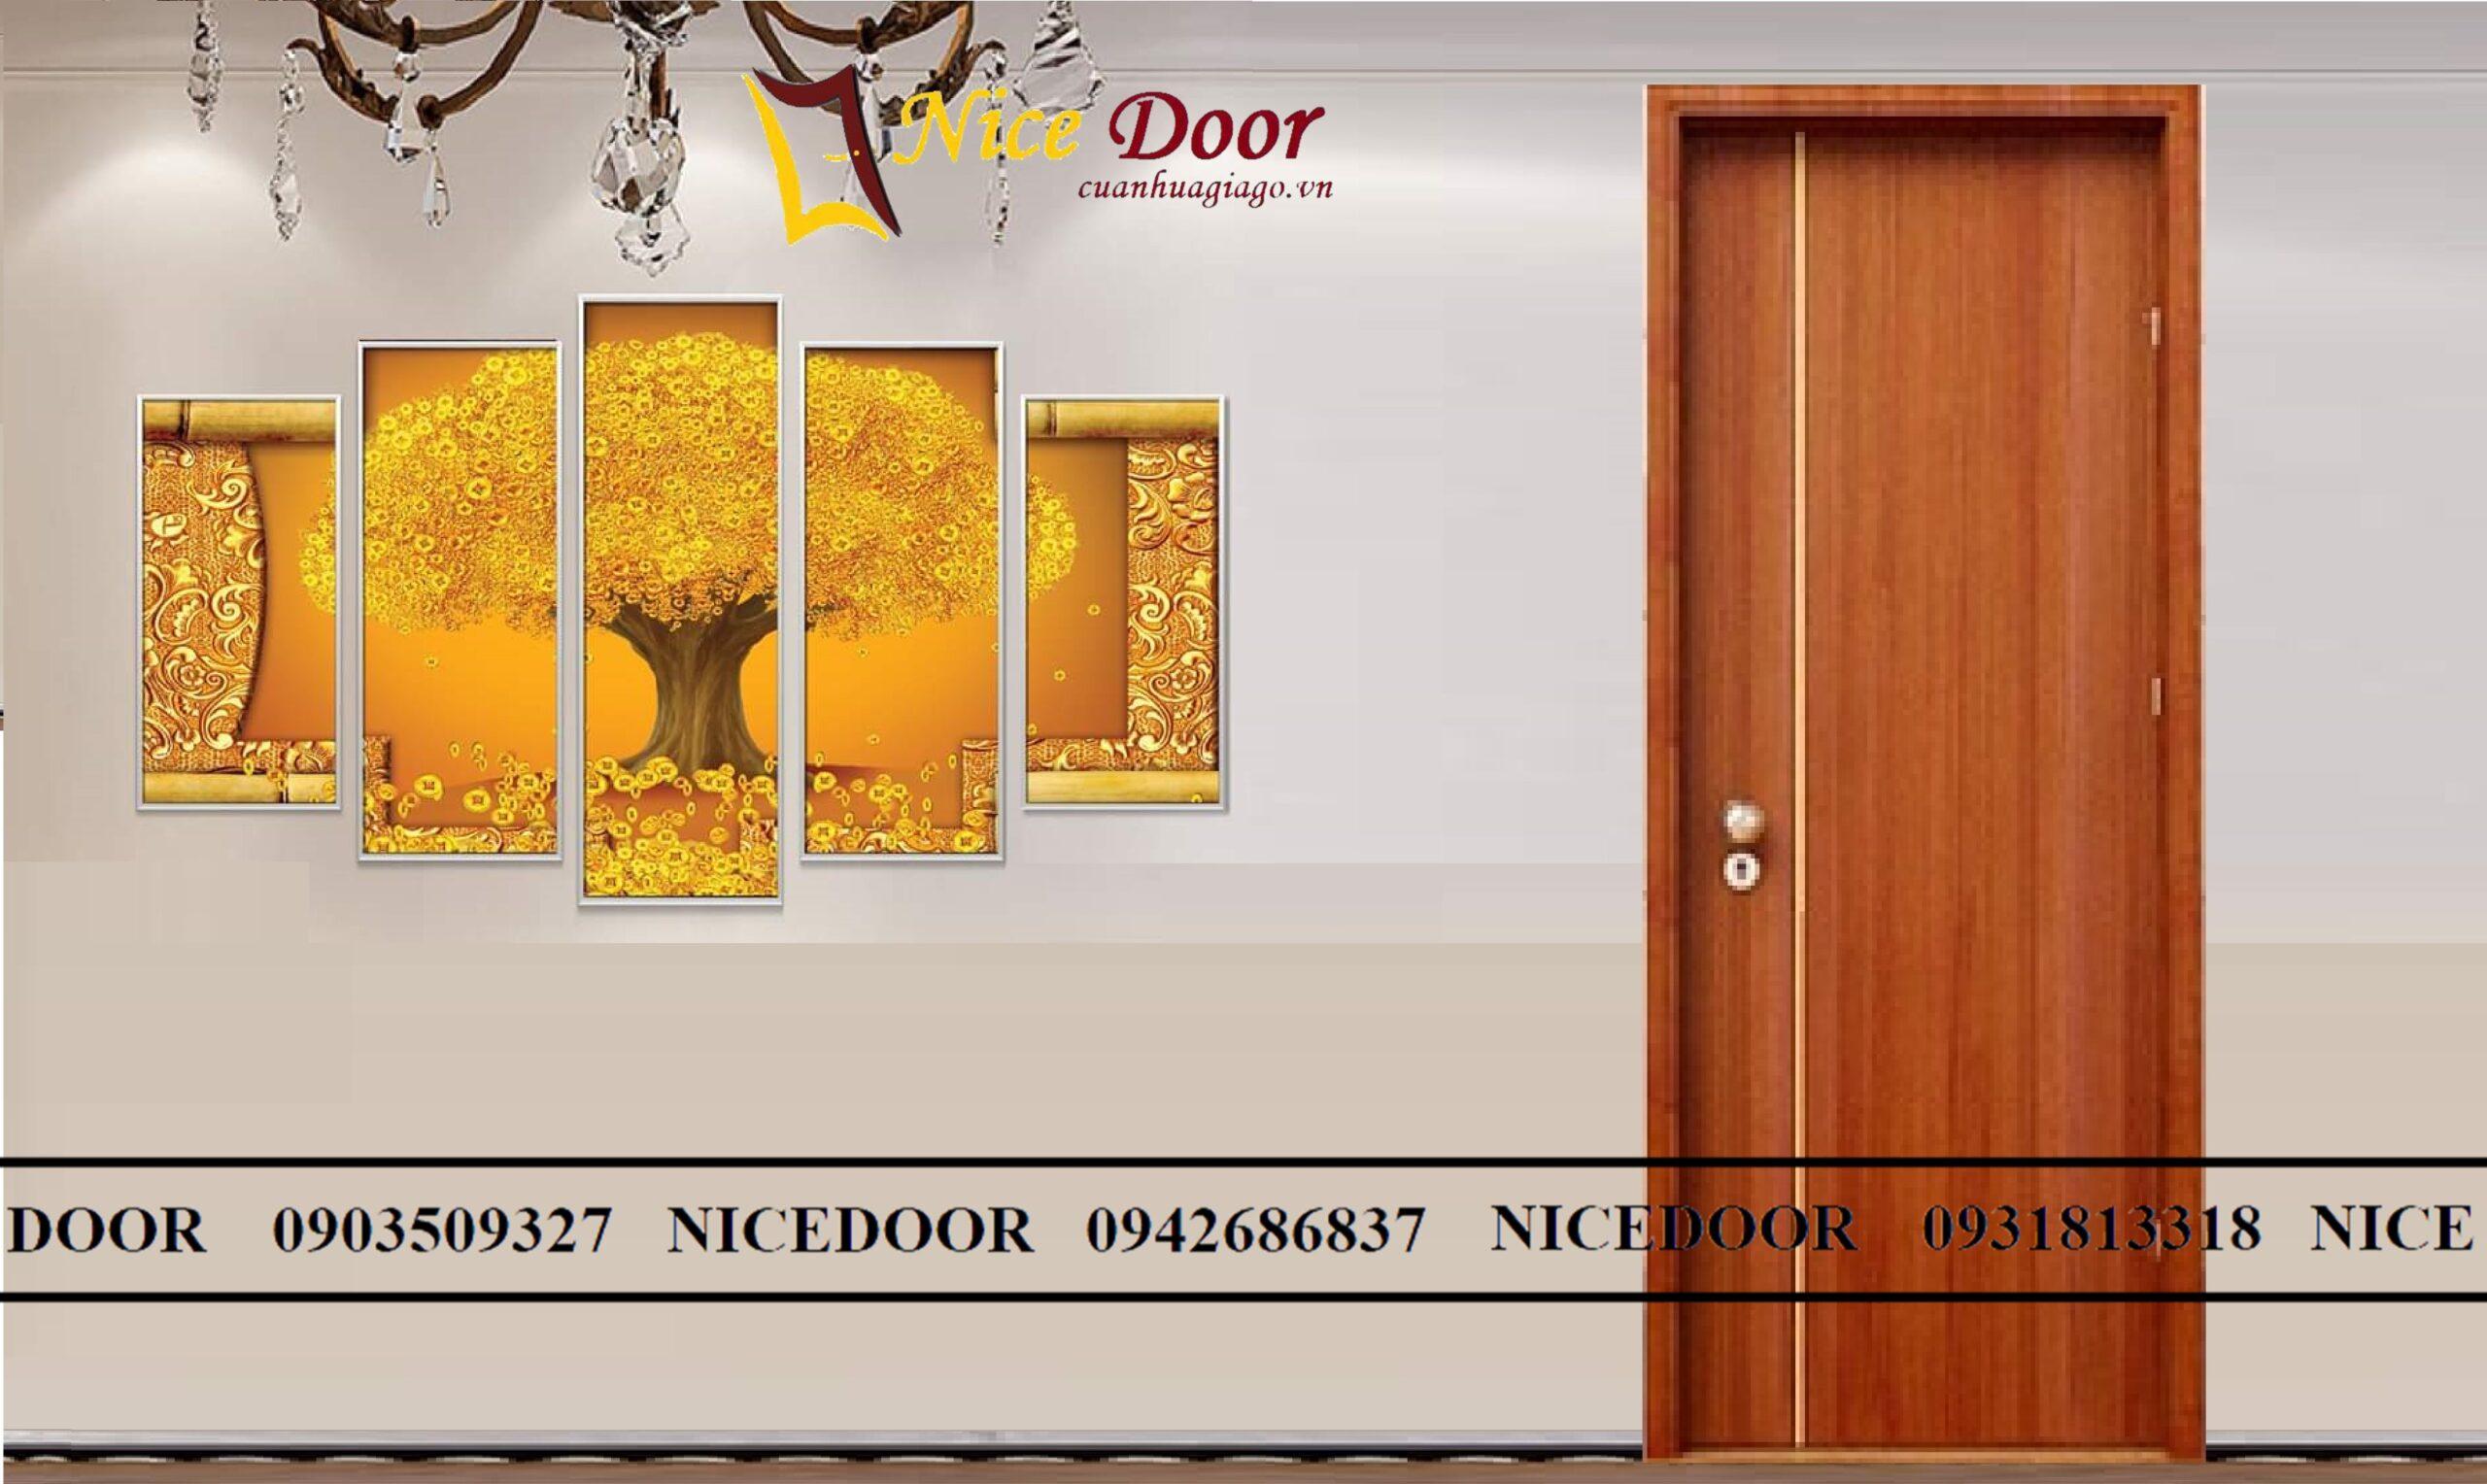 cửa-gỗ-công-nghiệp-mdf-veneer